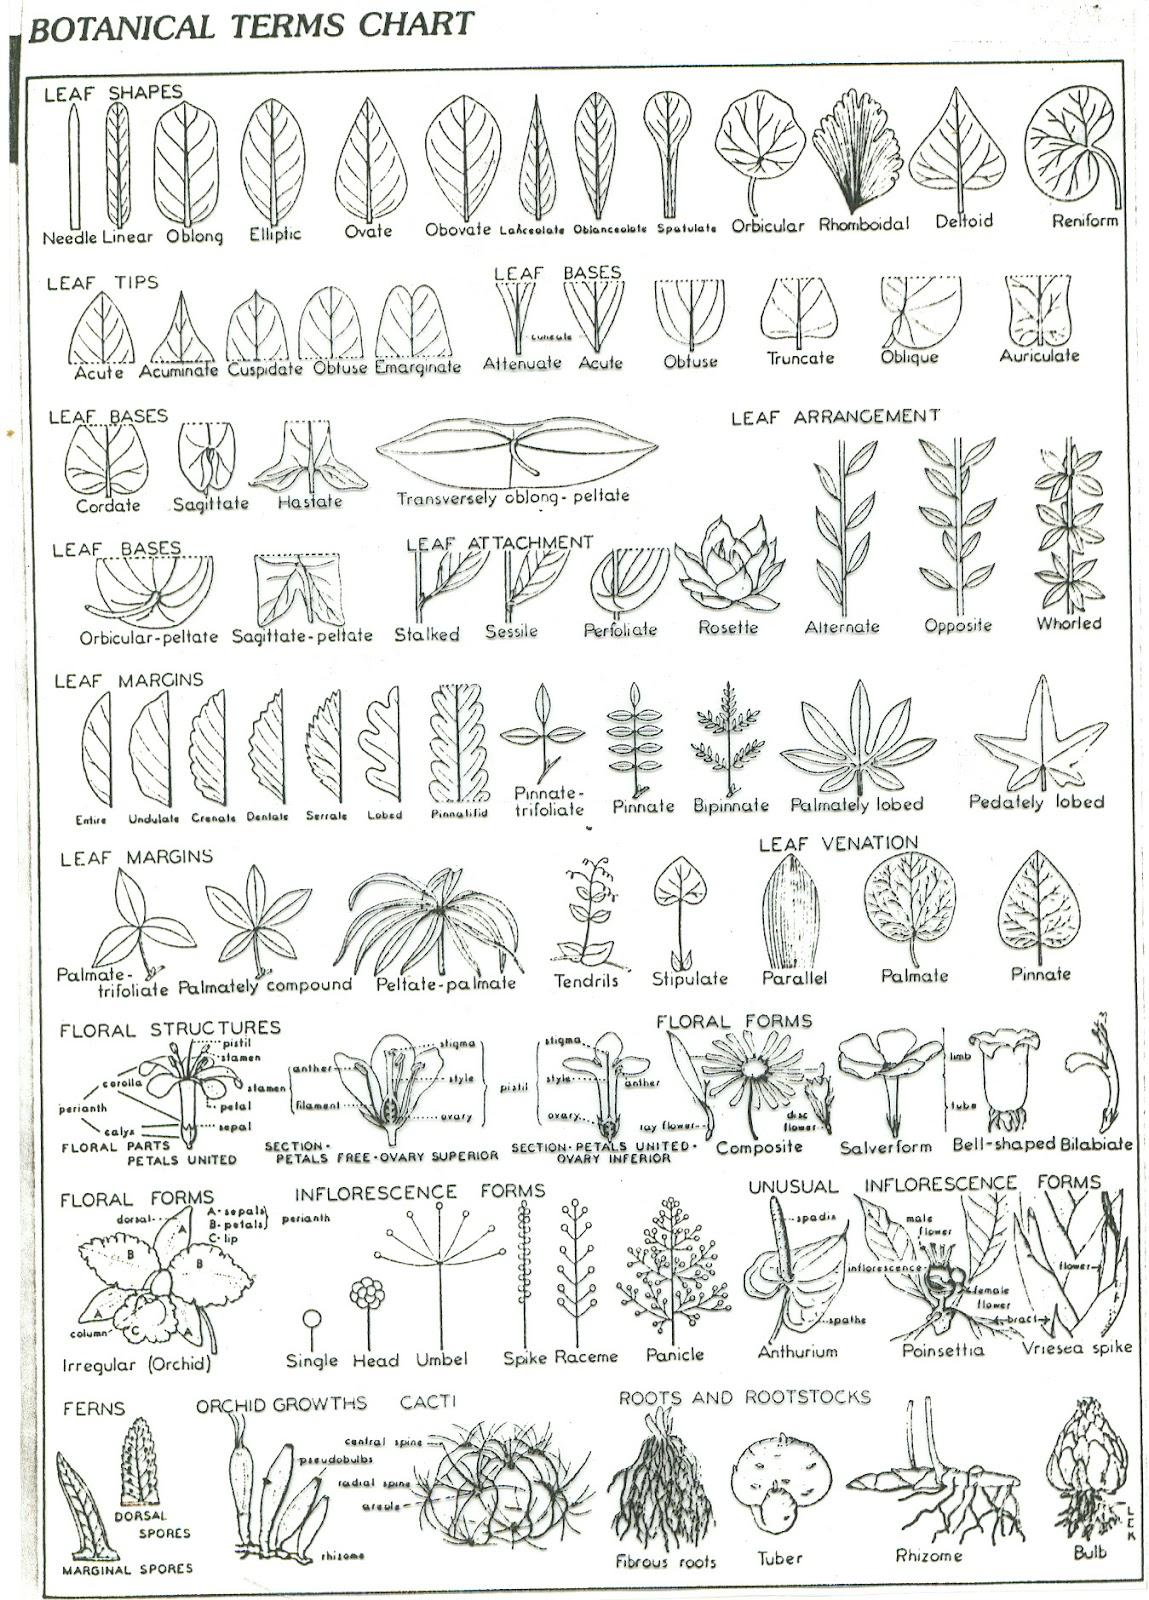 AgriHunt: Botanical leaf shapes